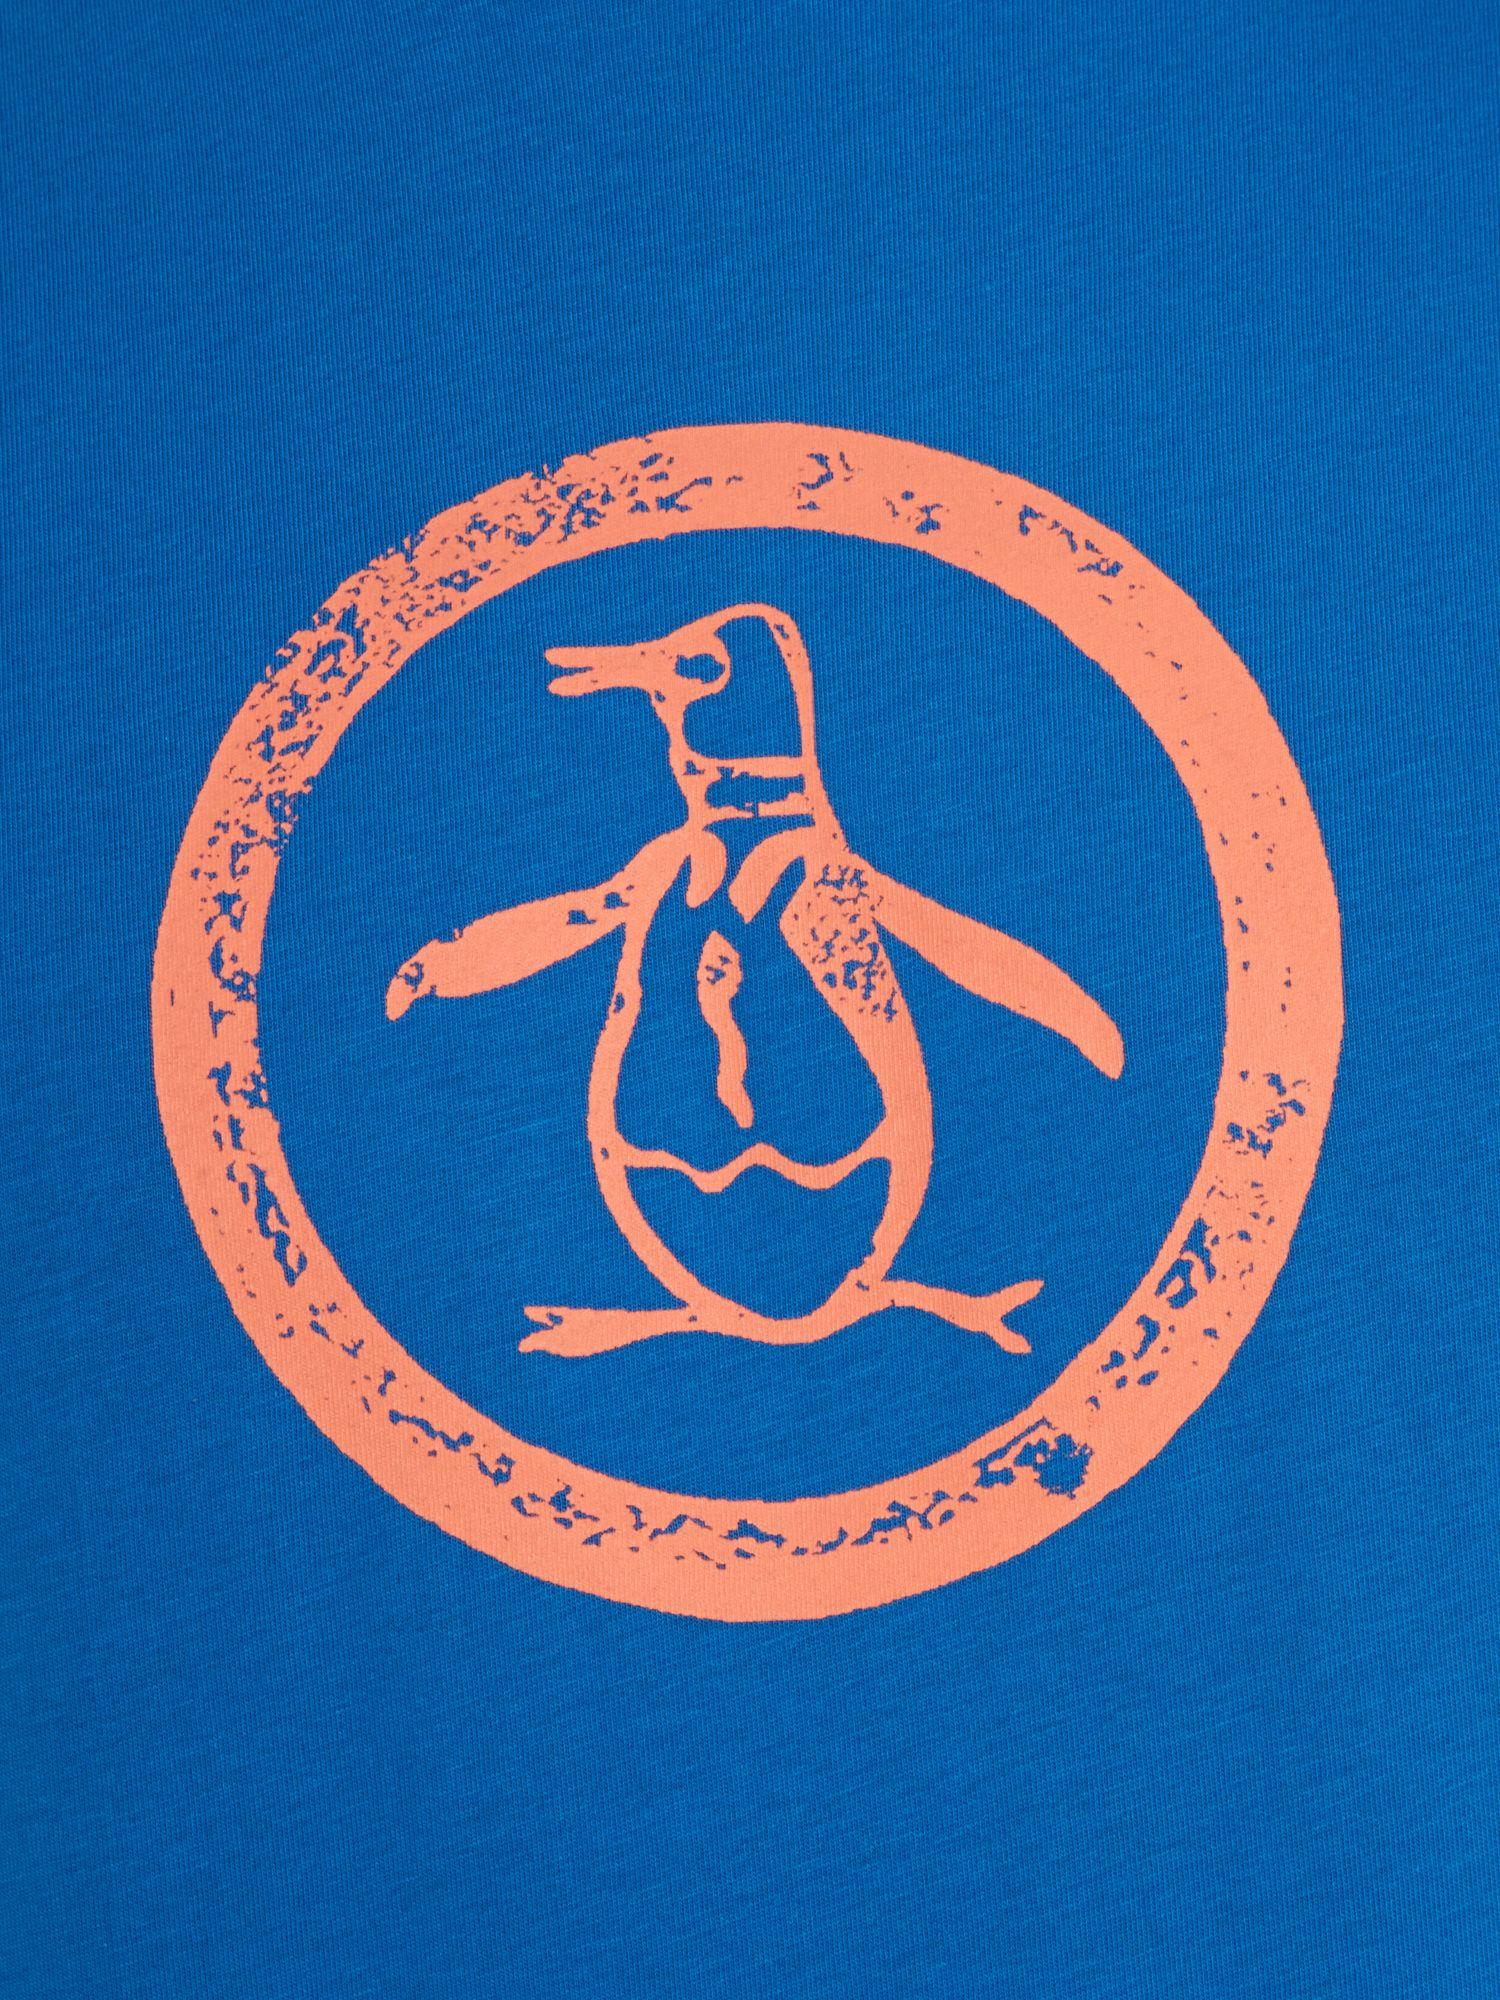 Penguin clothing logo - photo#54